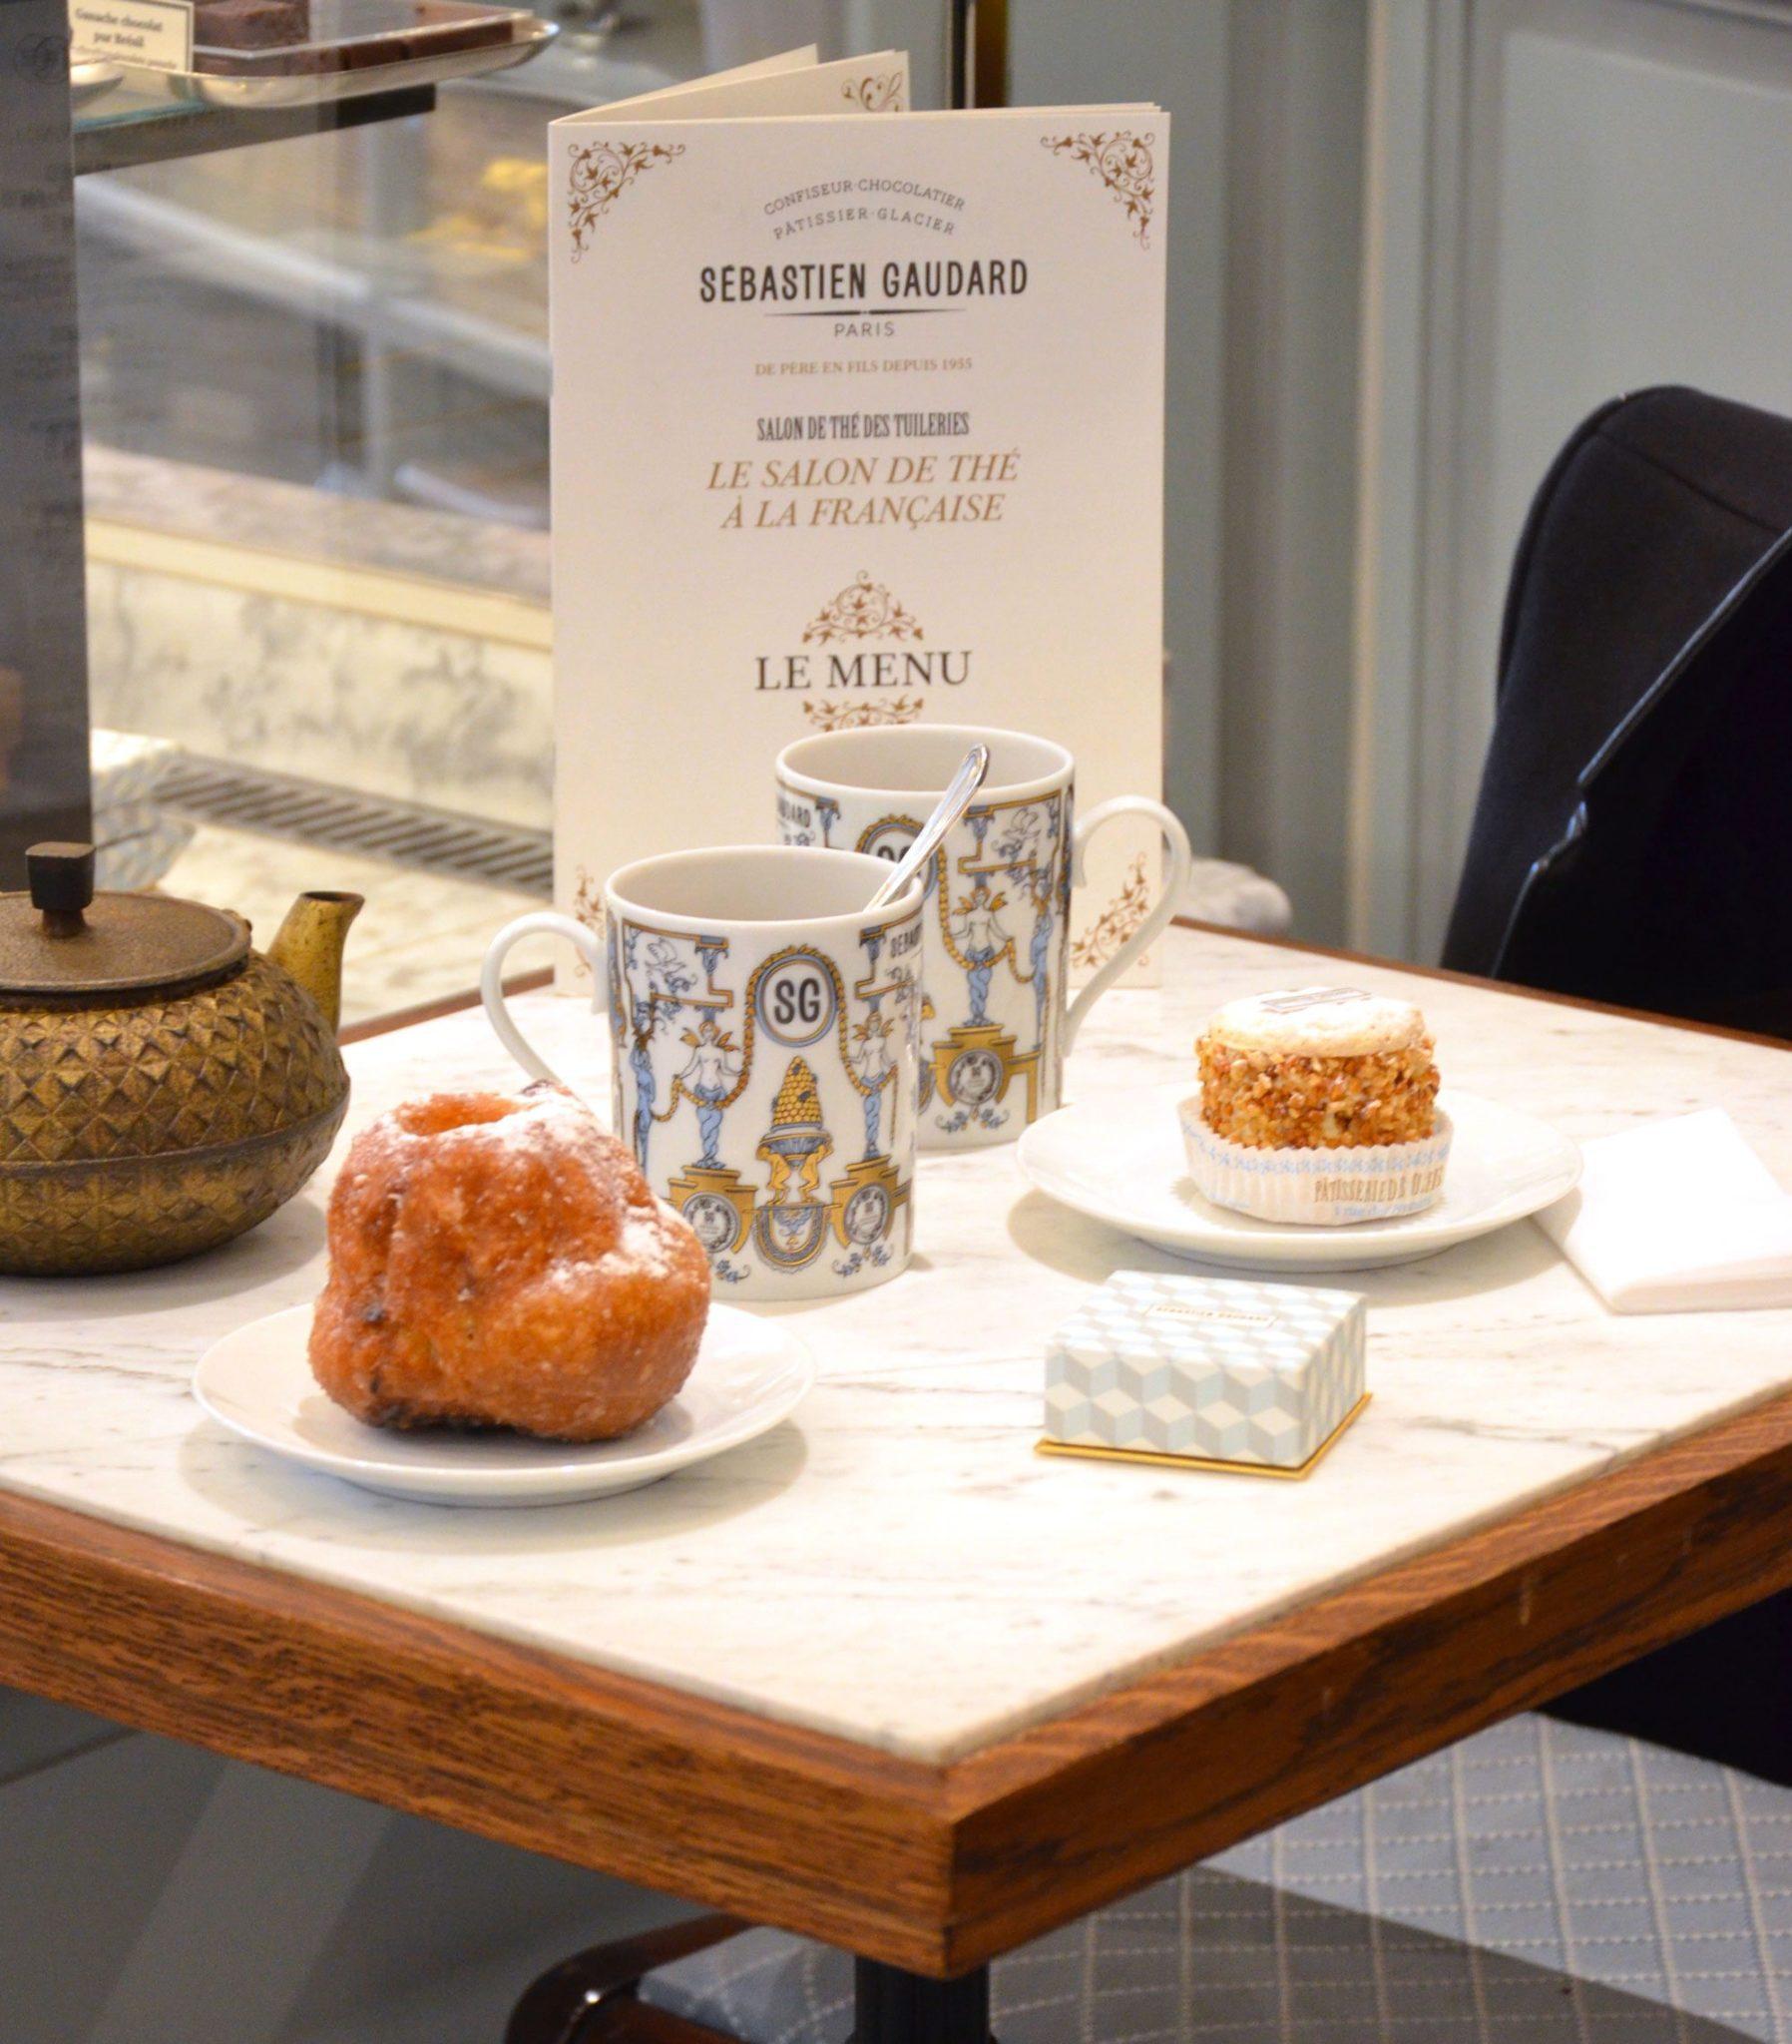 Le menu Sébastien Gaudard pour la patisserie - salon de thé à la française, dessiné par IchetKar